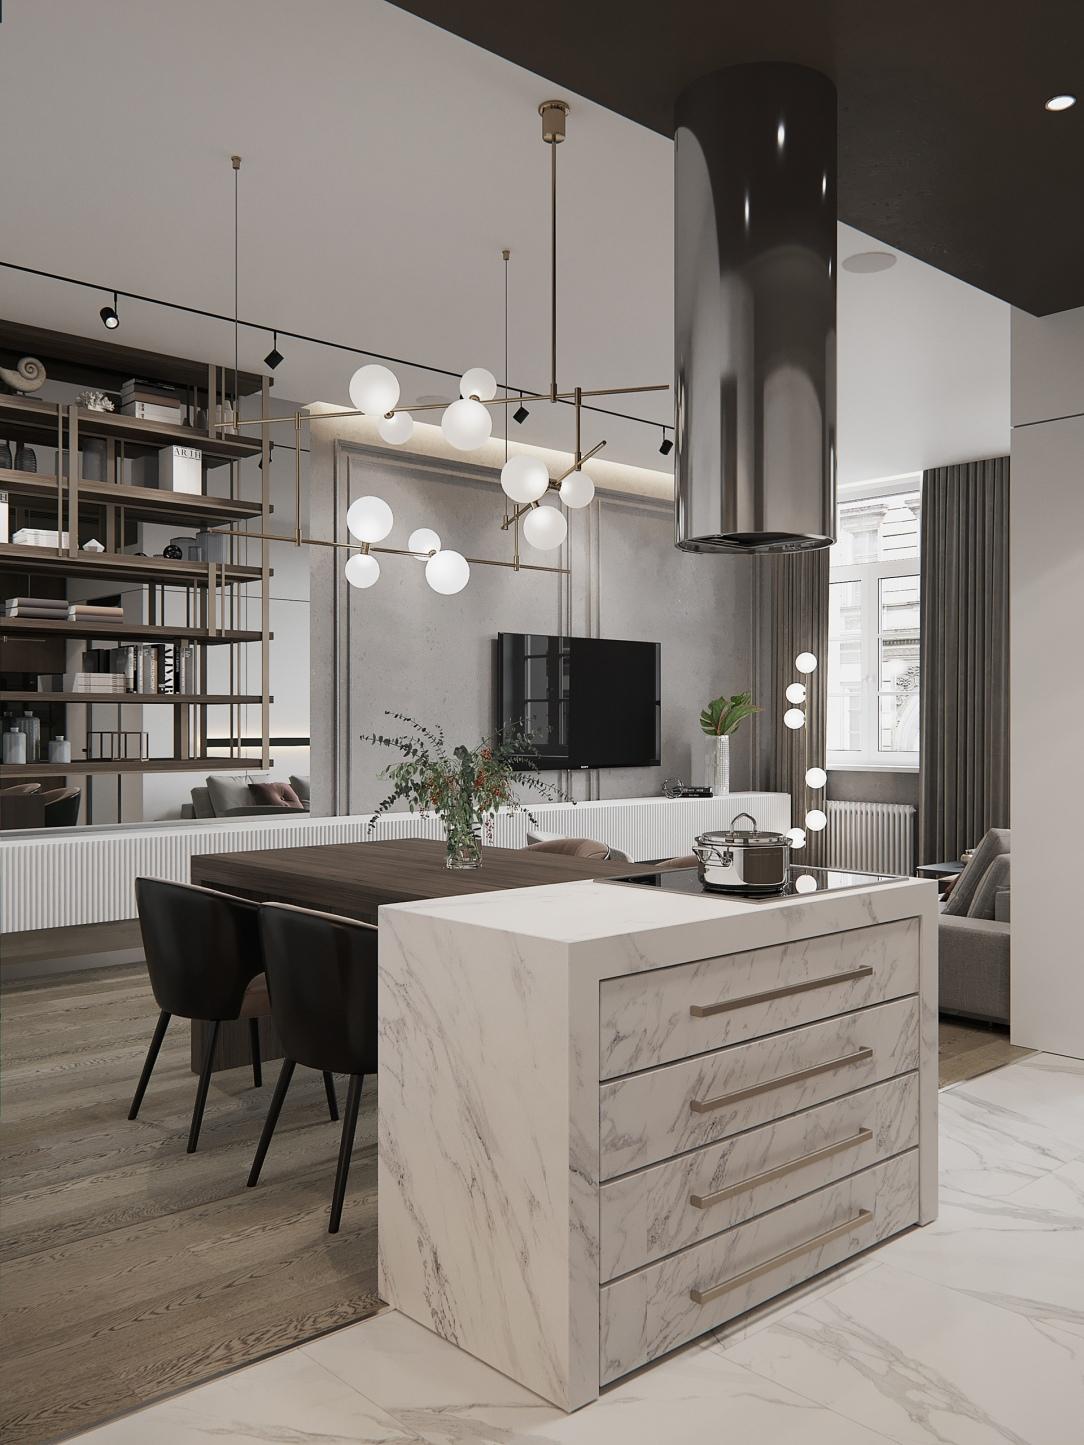 Дизайн интерьера кухни-столовой квартиры в современном стиле в Санкт-Петербурге